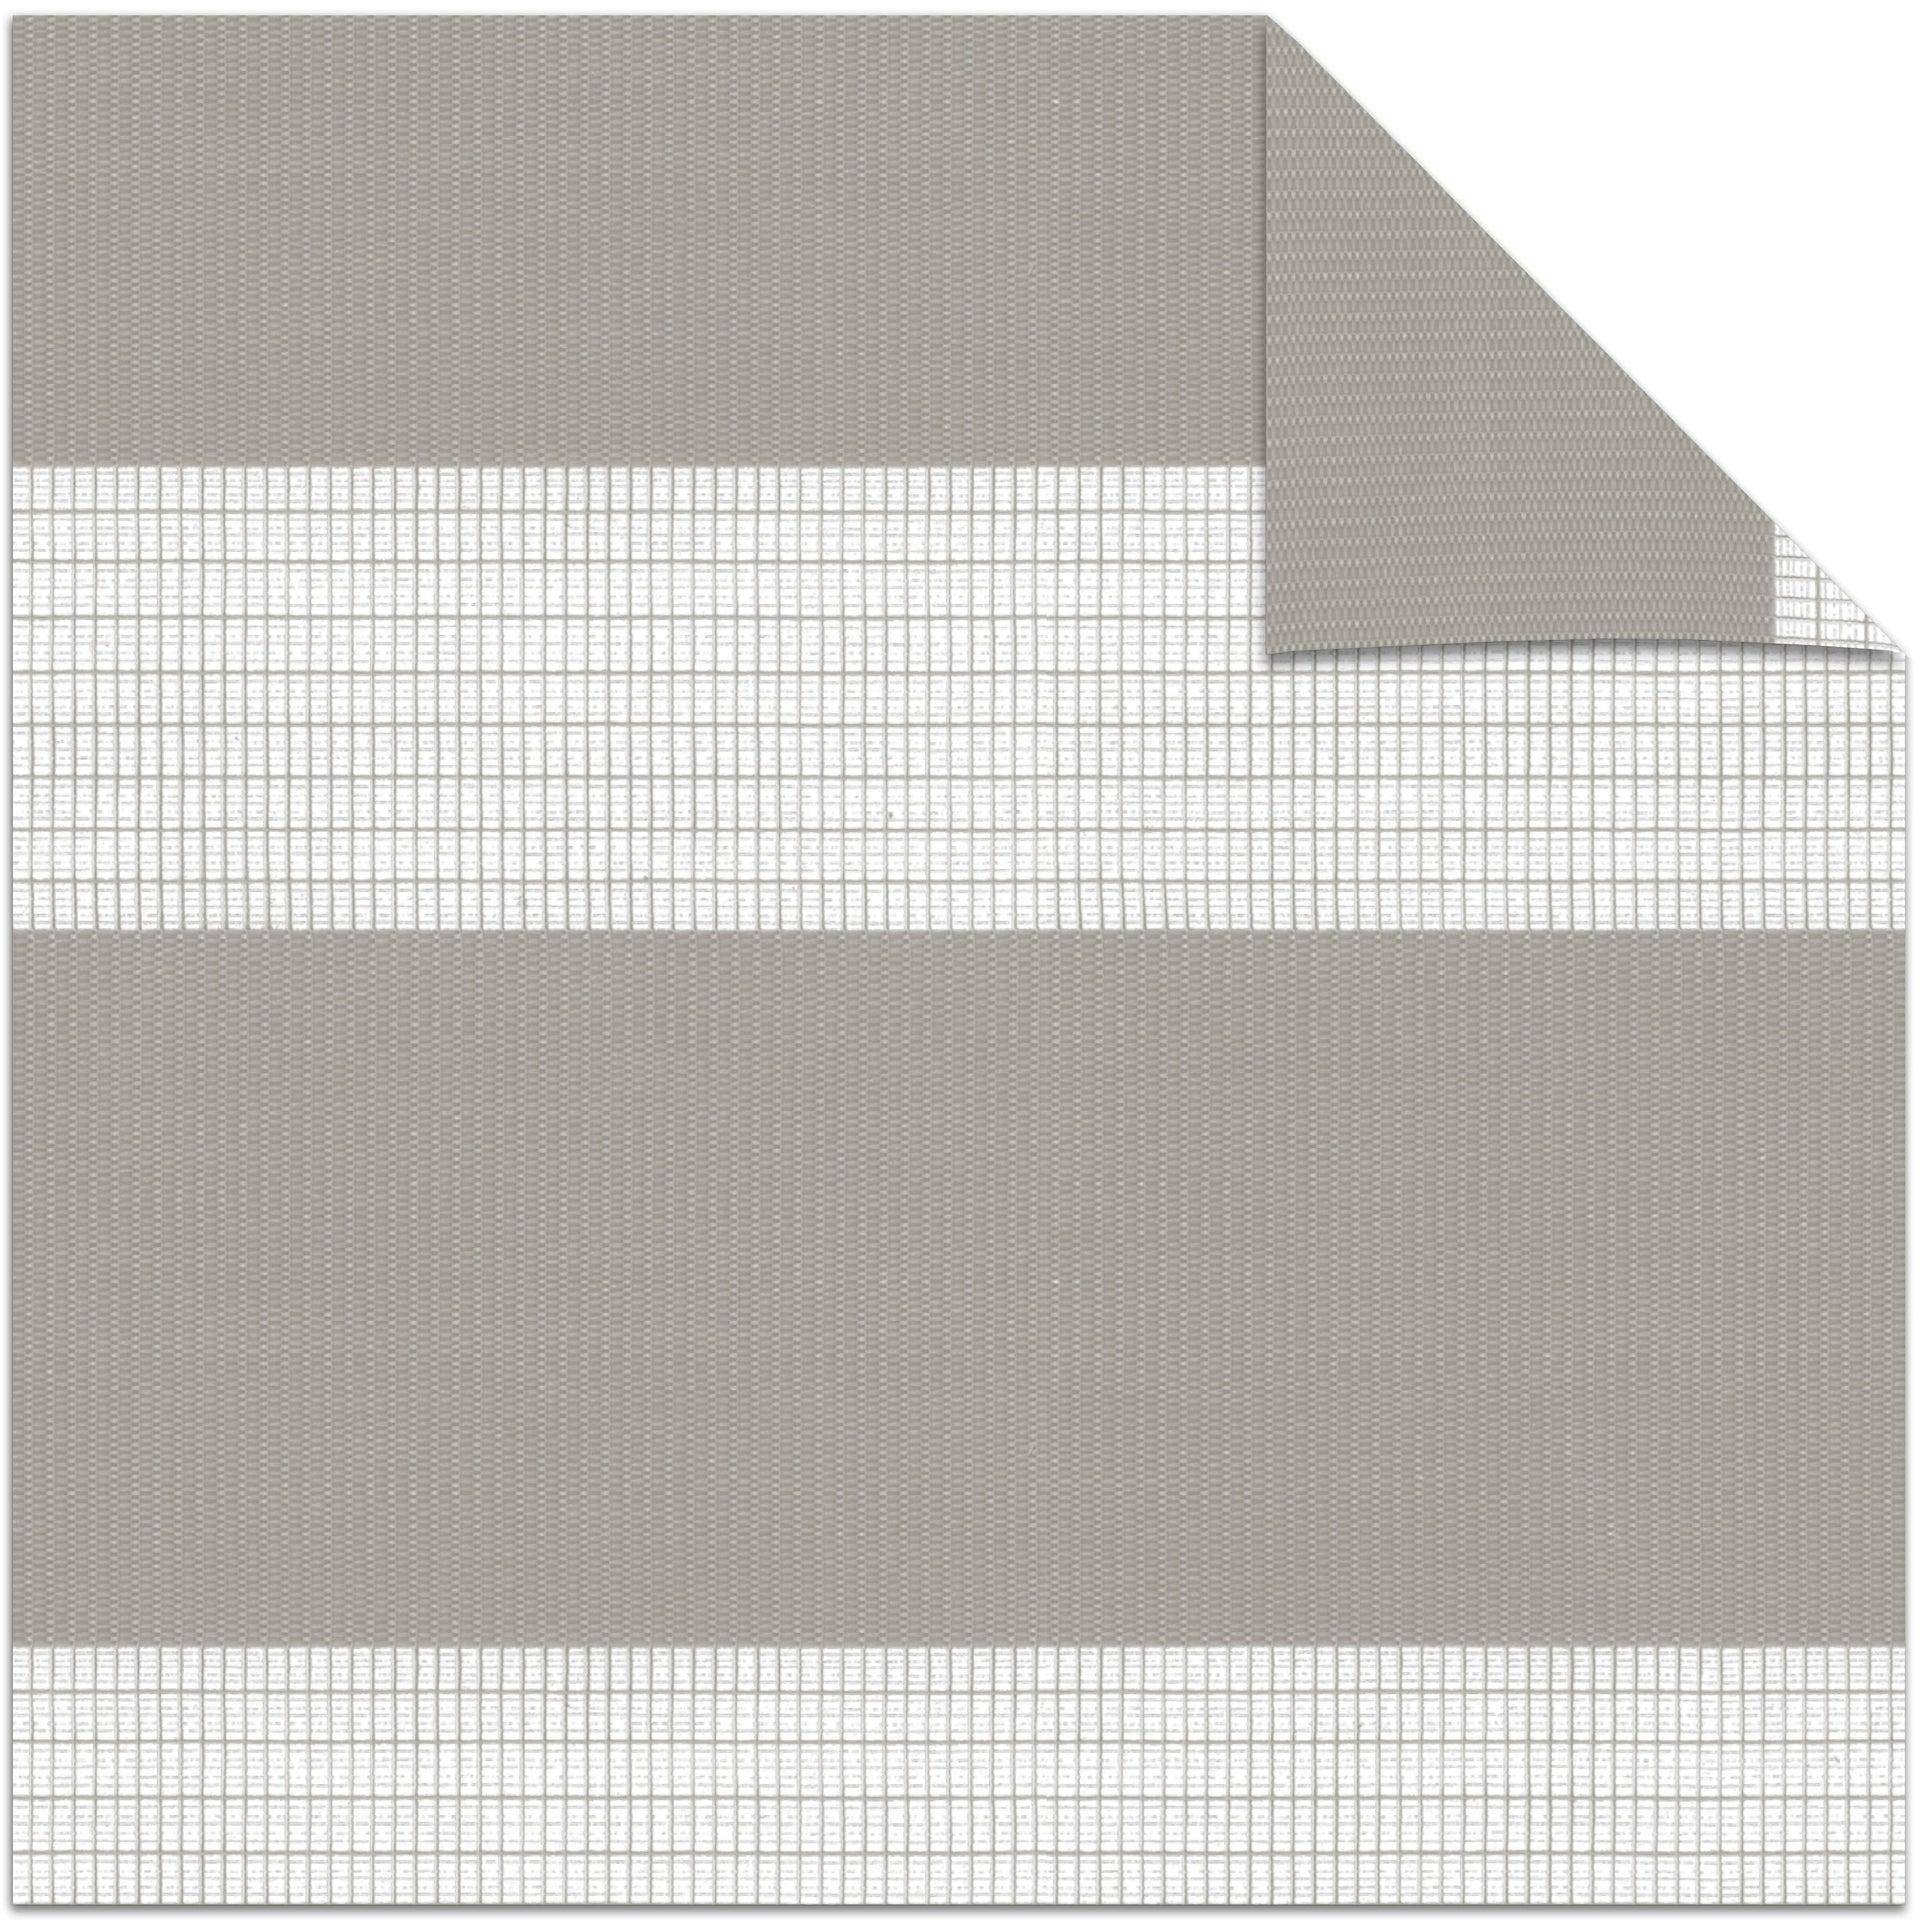 Tenda a rullo Orleans grigio 90 x 190 cm - 3